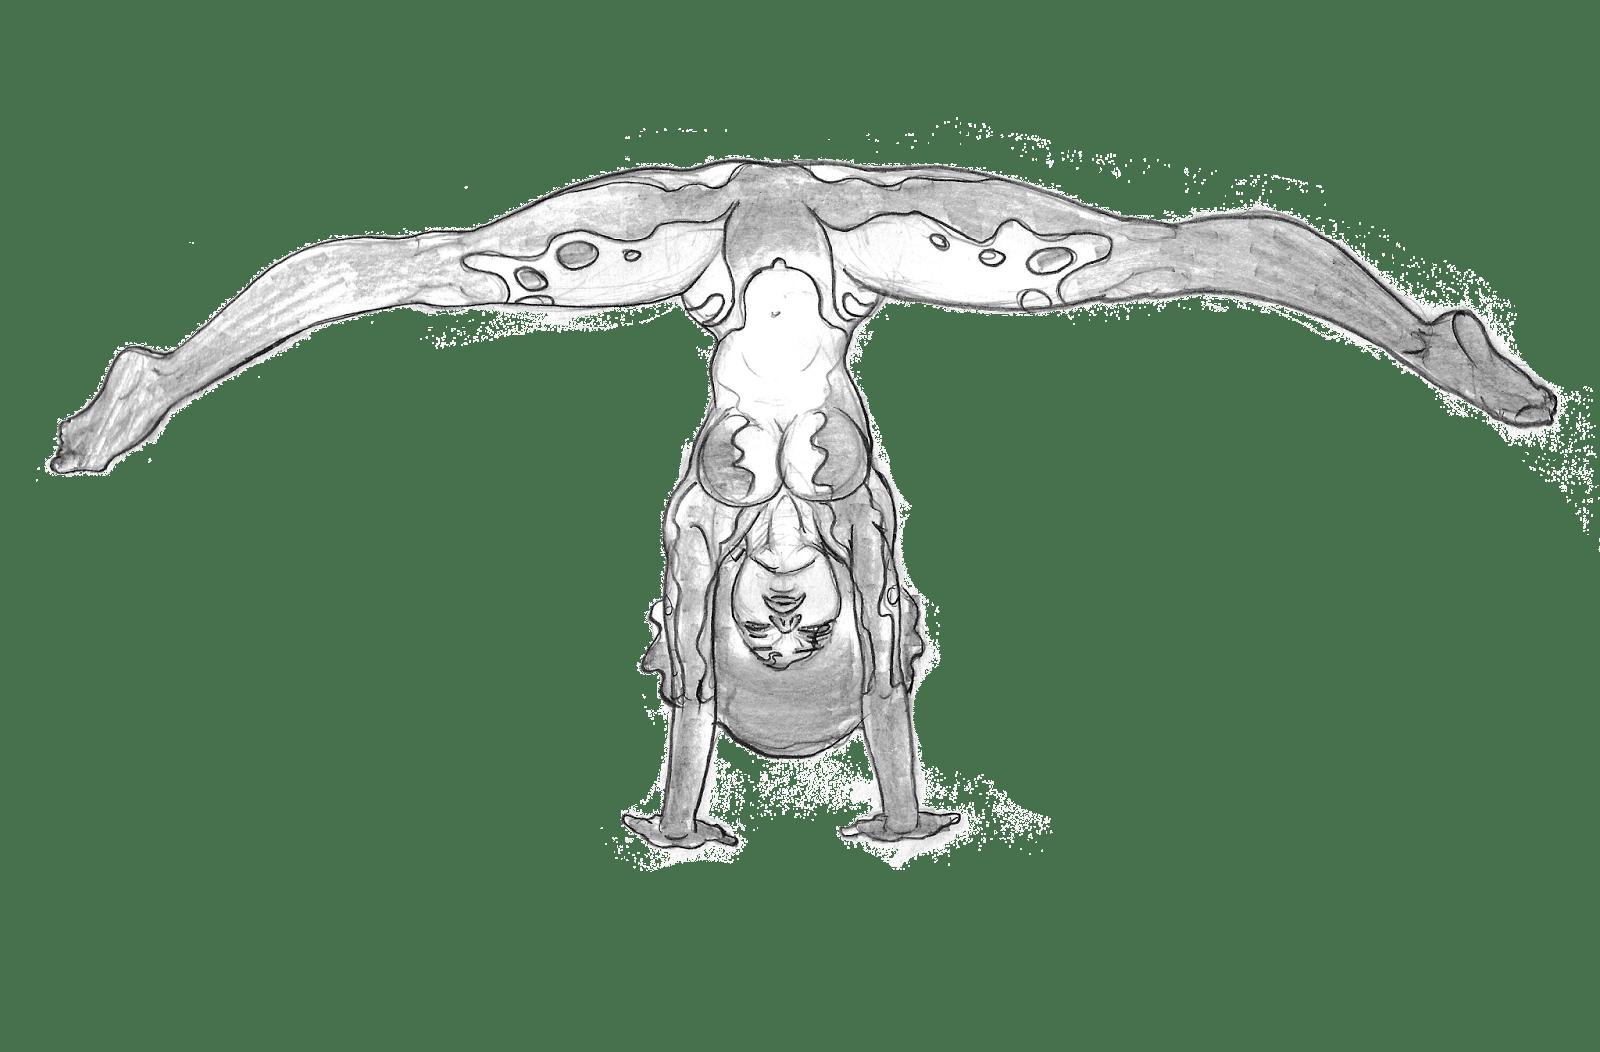 Capoeira Mulata  Desenhos A Lápis Da Personagem Capoeira Mulata Em